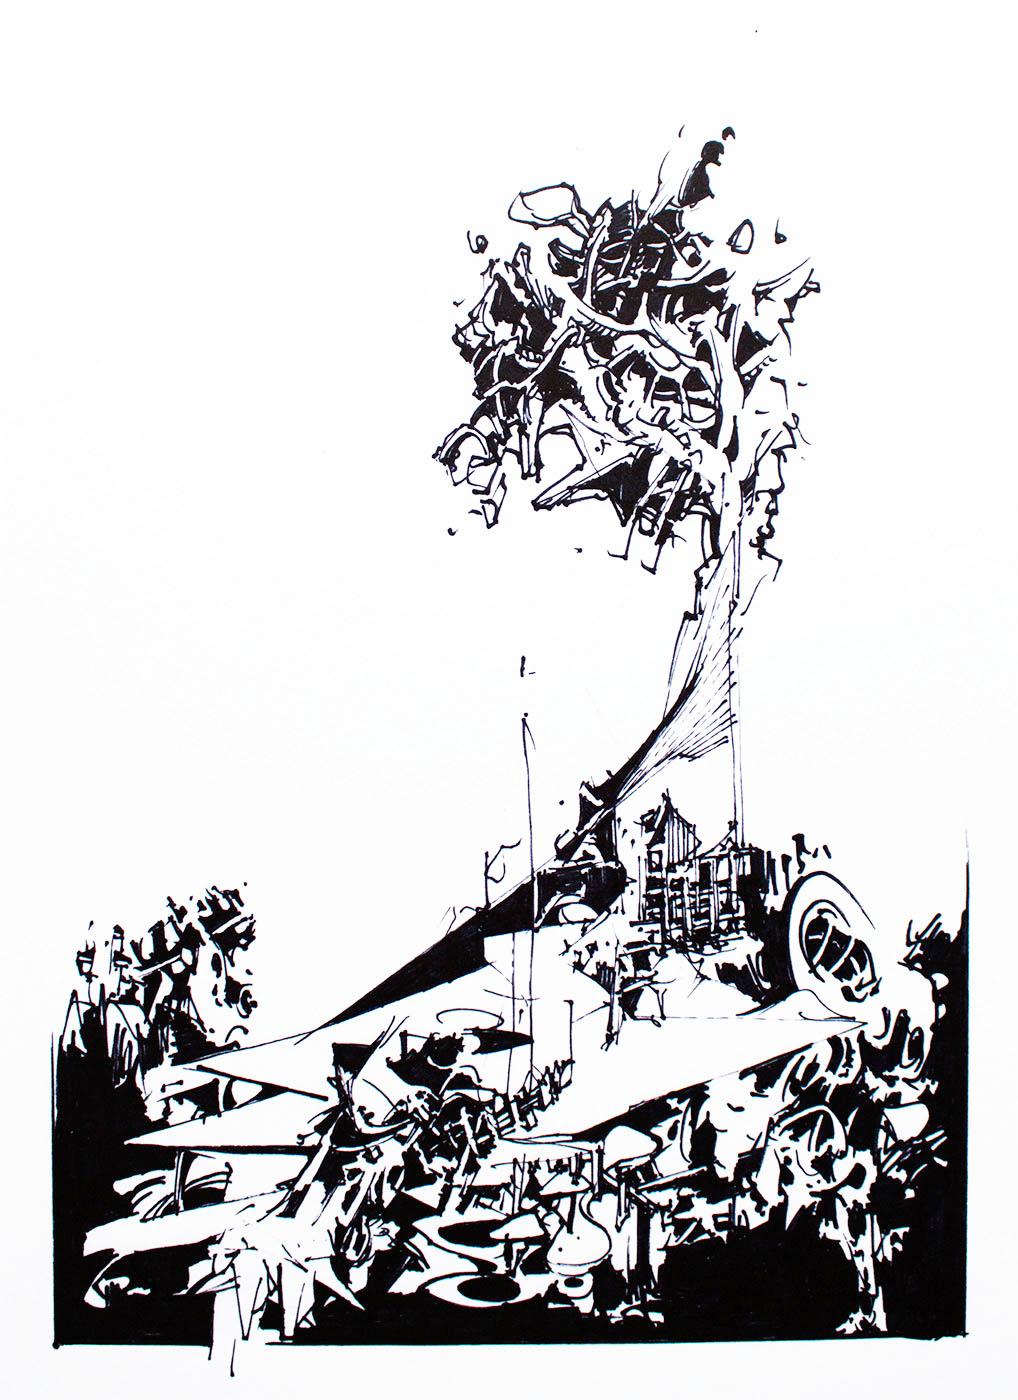 kunsttryk, gliceé, abstrakte, geometriske, monokrome, arkitektur, mønstre, sorte, hvide, papir, abstrakte-former, arkitektoniske, sort-hvide, Køb original kunst af den højeste kvalitet. Malerier, tegninger, limited edition kunsttryk & plakater af dygtige kunstnere.